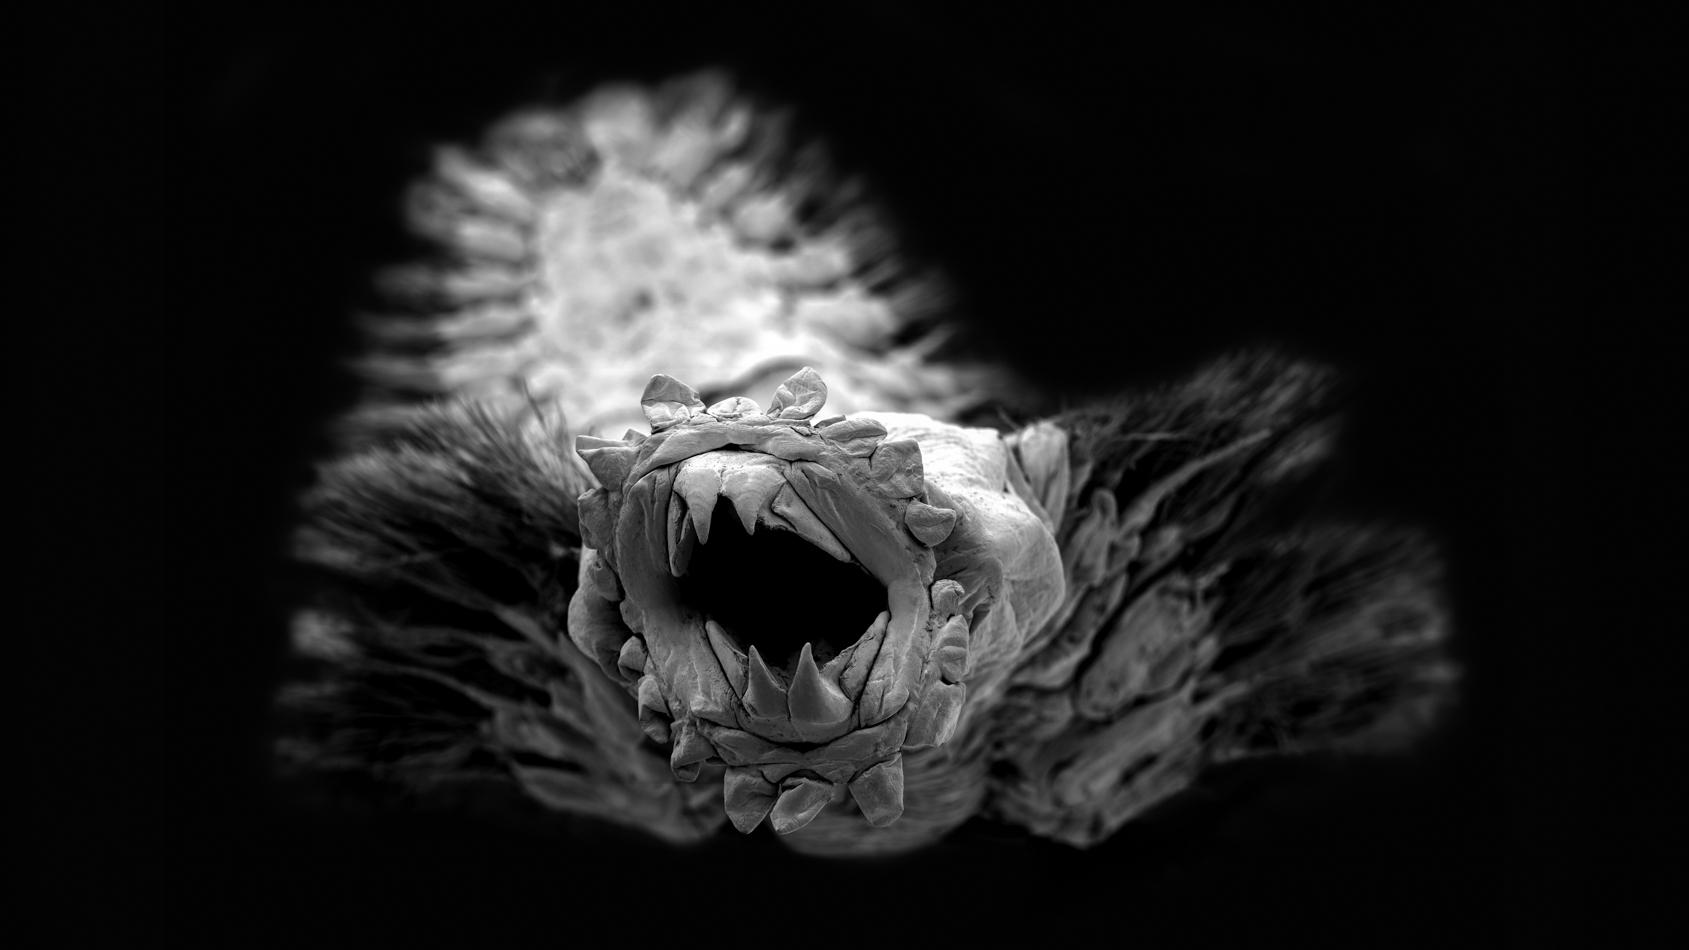 Méiofaune des abysses, Pourquoi pas les abysses ?, IFREMER, Microscope électronique à balayage (MEB)